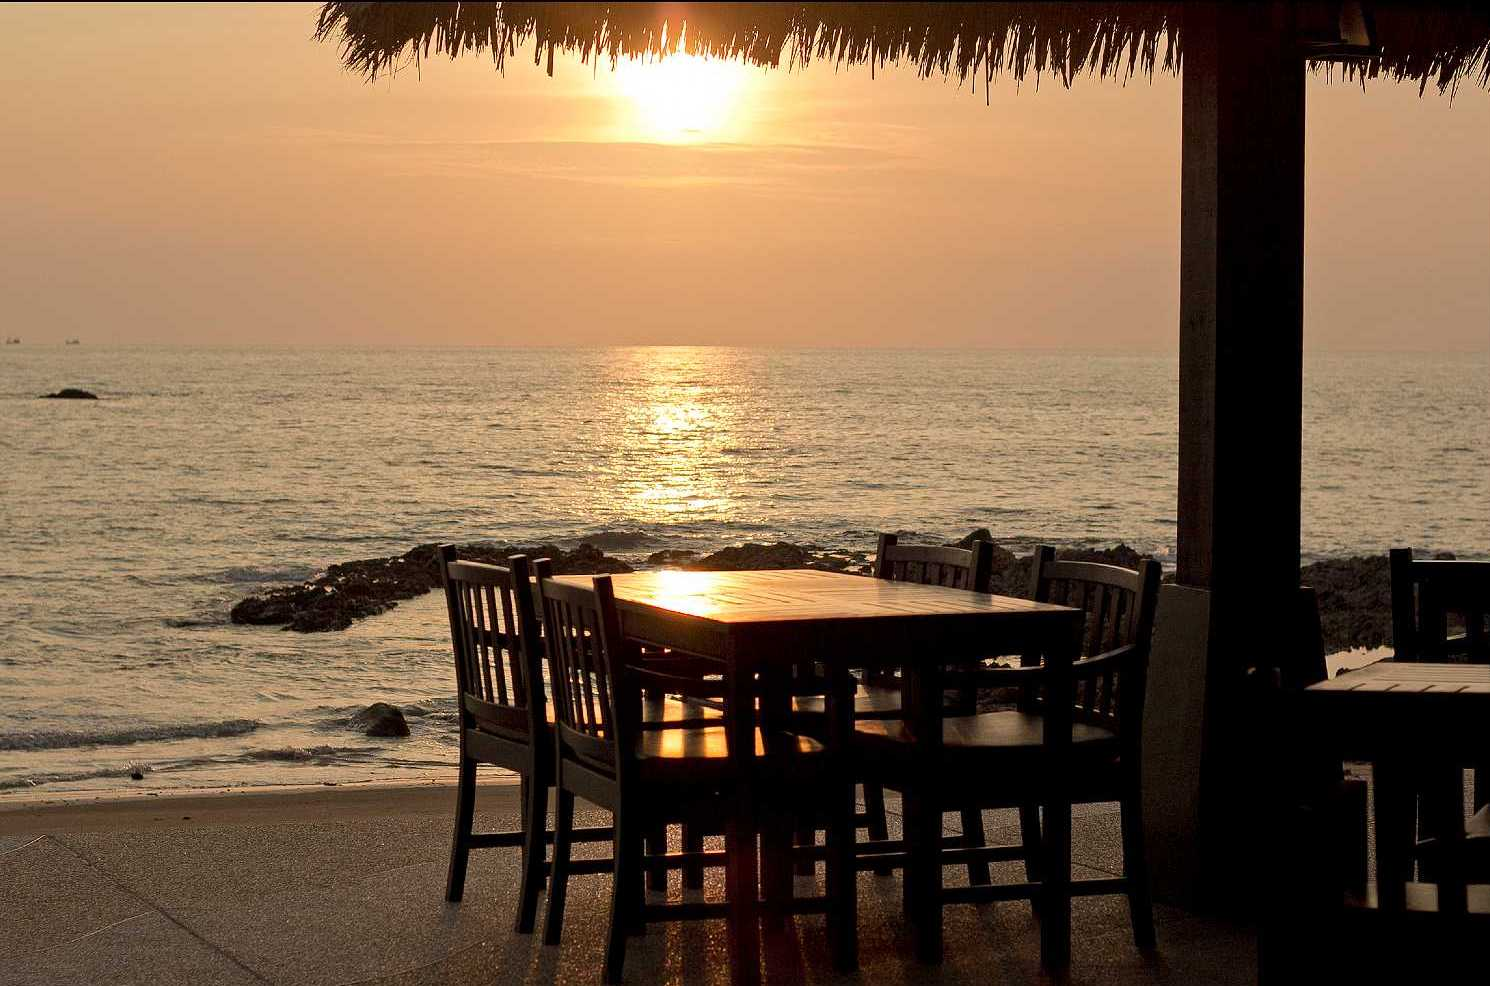 Restaurant aan zee met uitzicht op zonsondergang